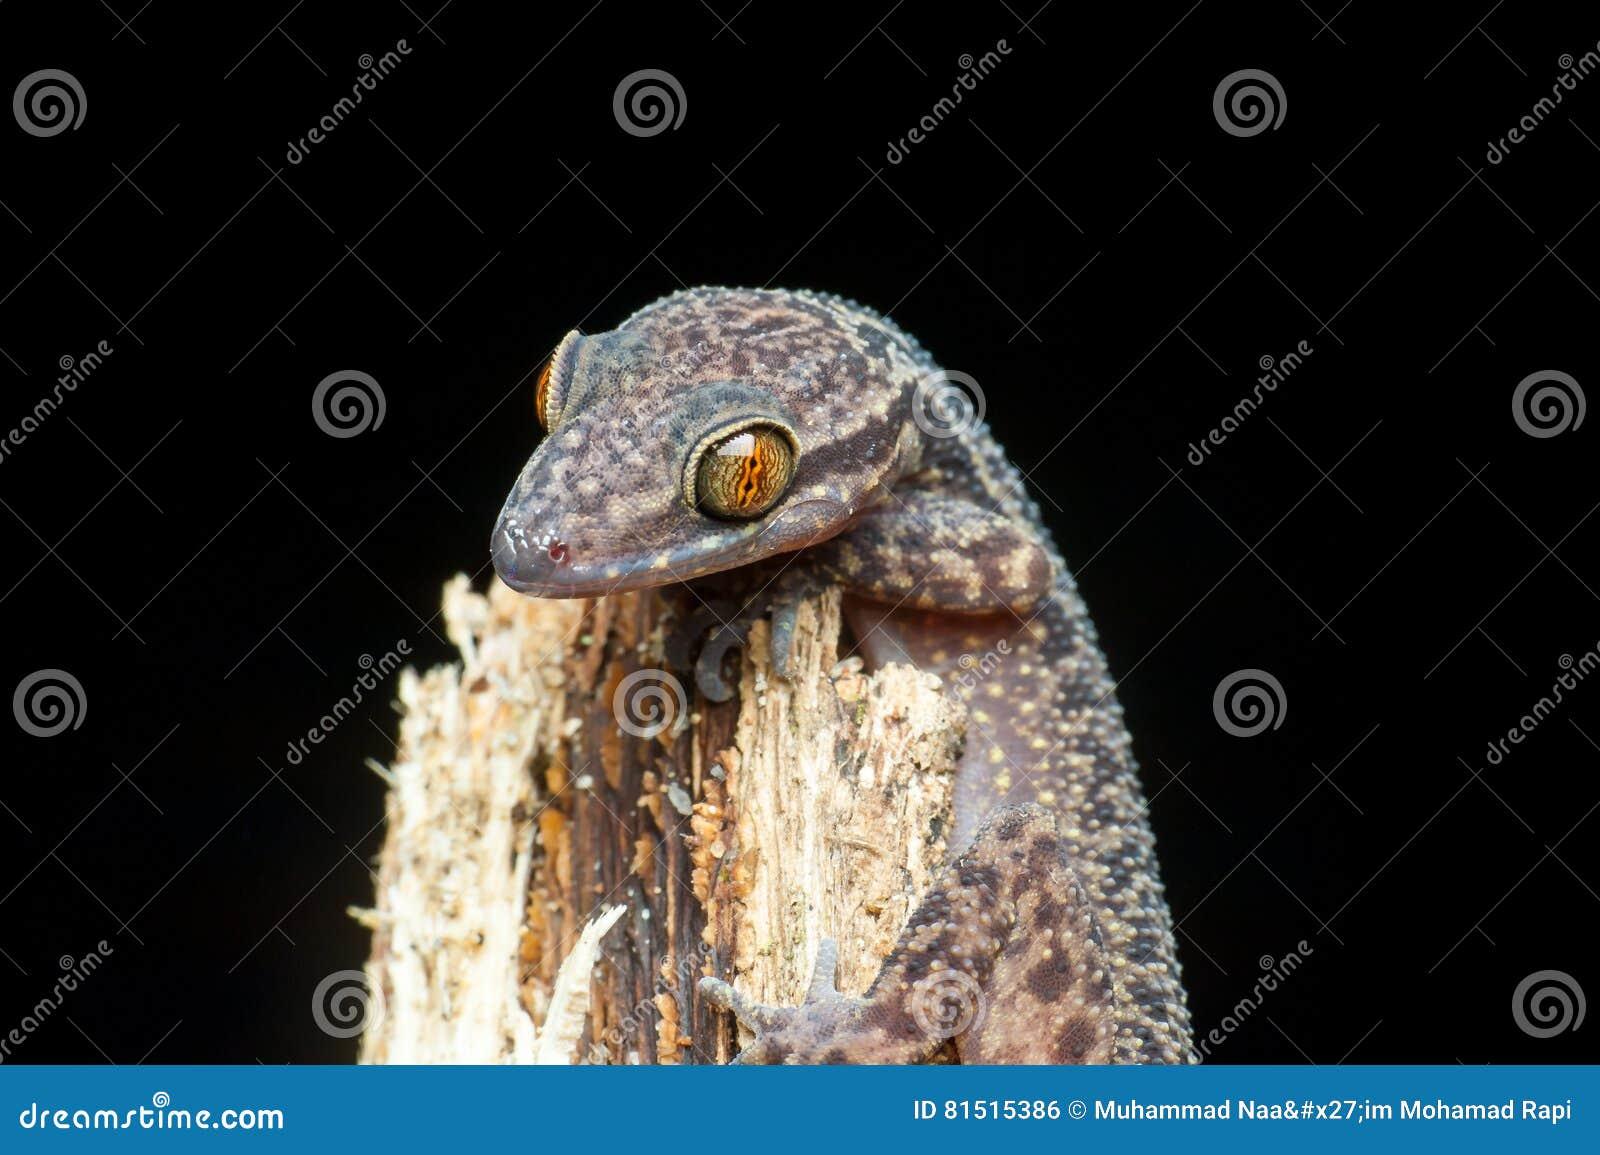 Philippine Biegung-wich Geckoeidechse aus